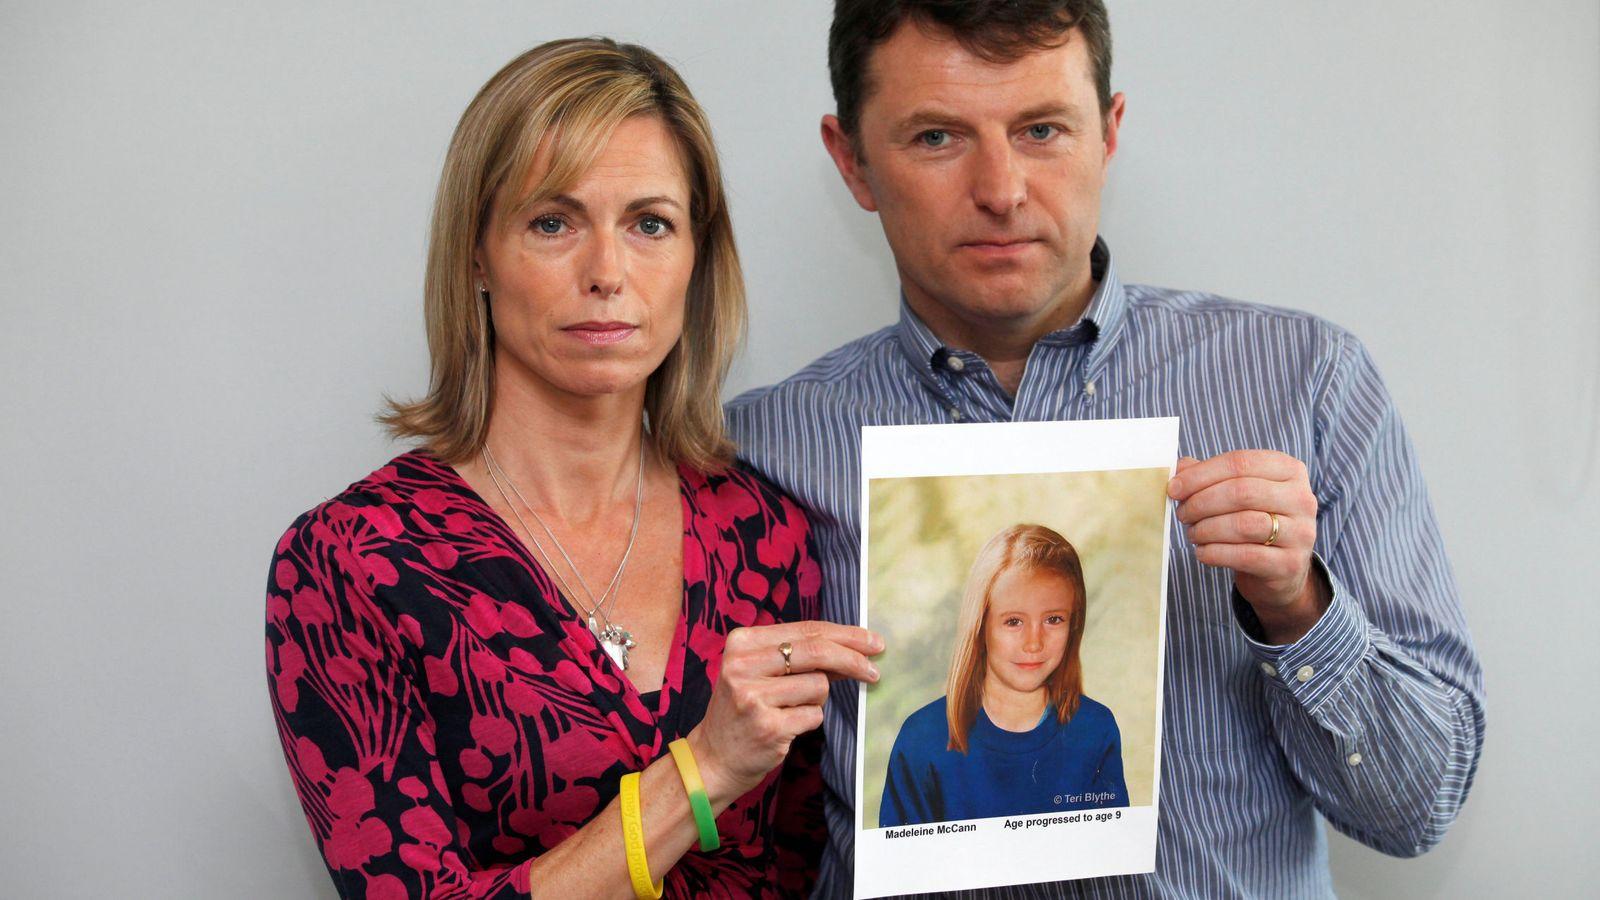 La teoría nunca revelada sobre la desaparición de Madeleine McCann